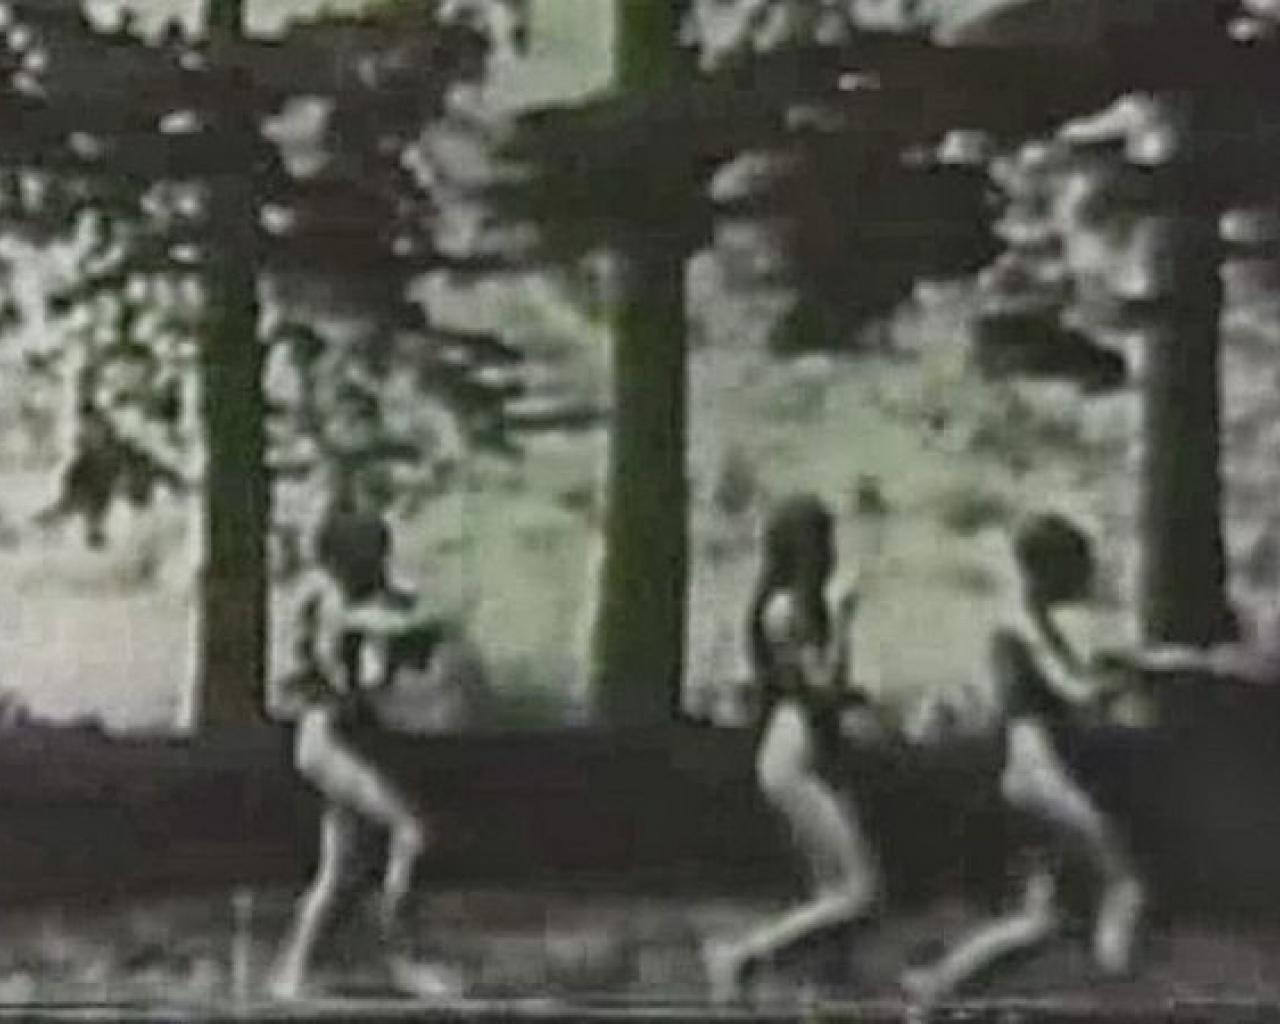 Argentina Porno Peliculas la primera película porno de la historia es argentina